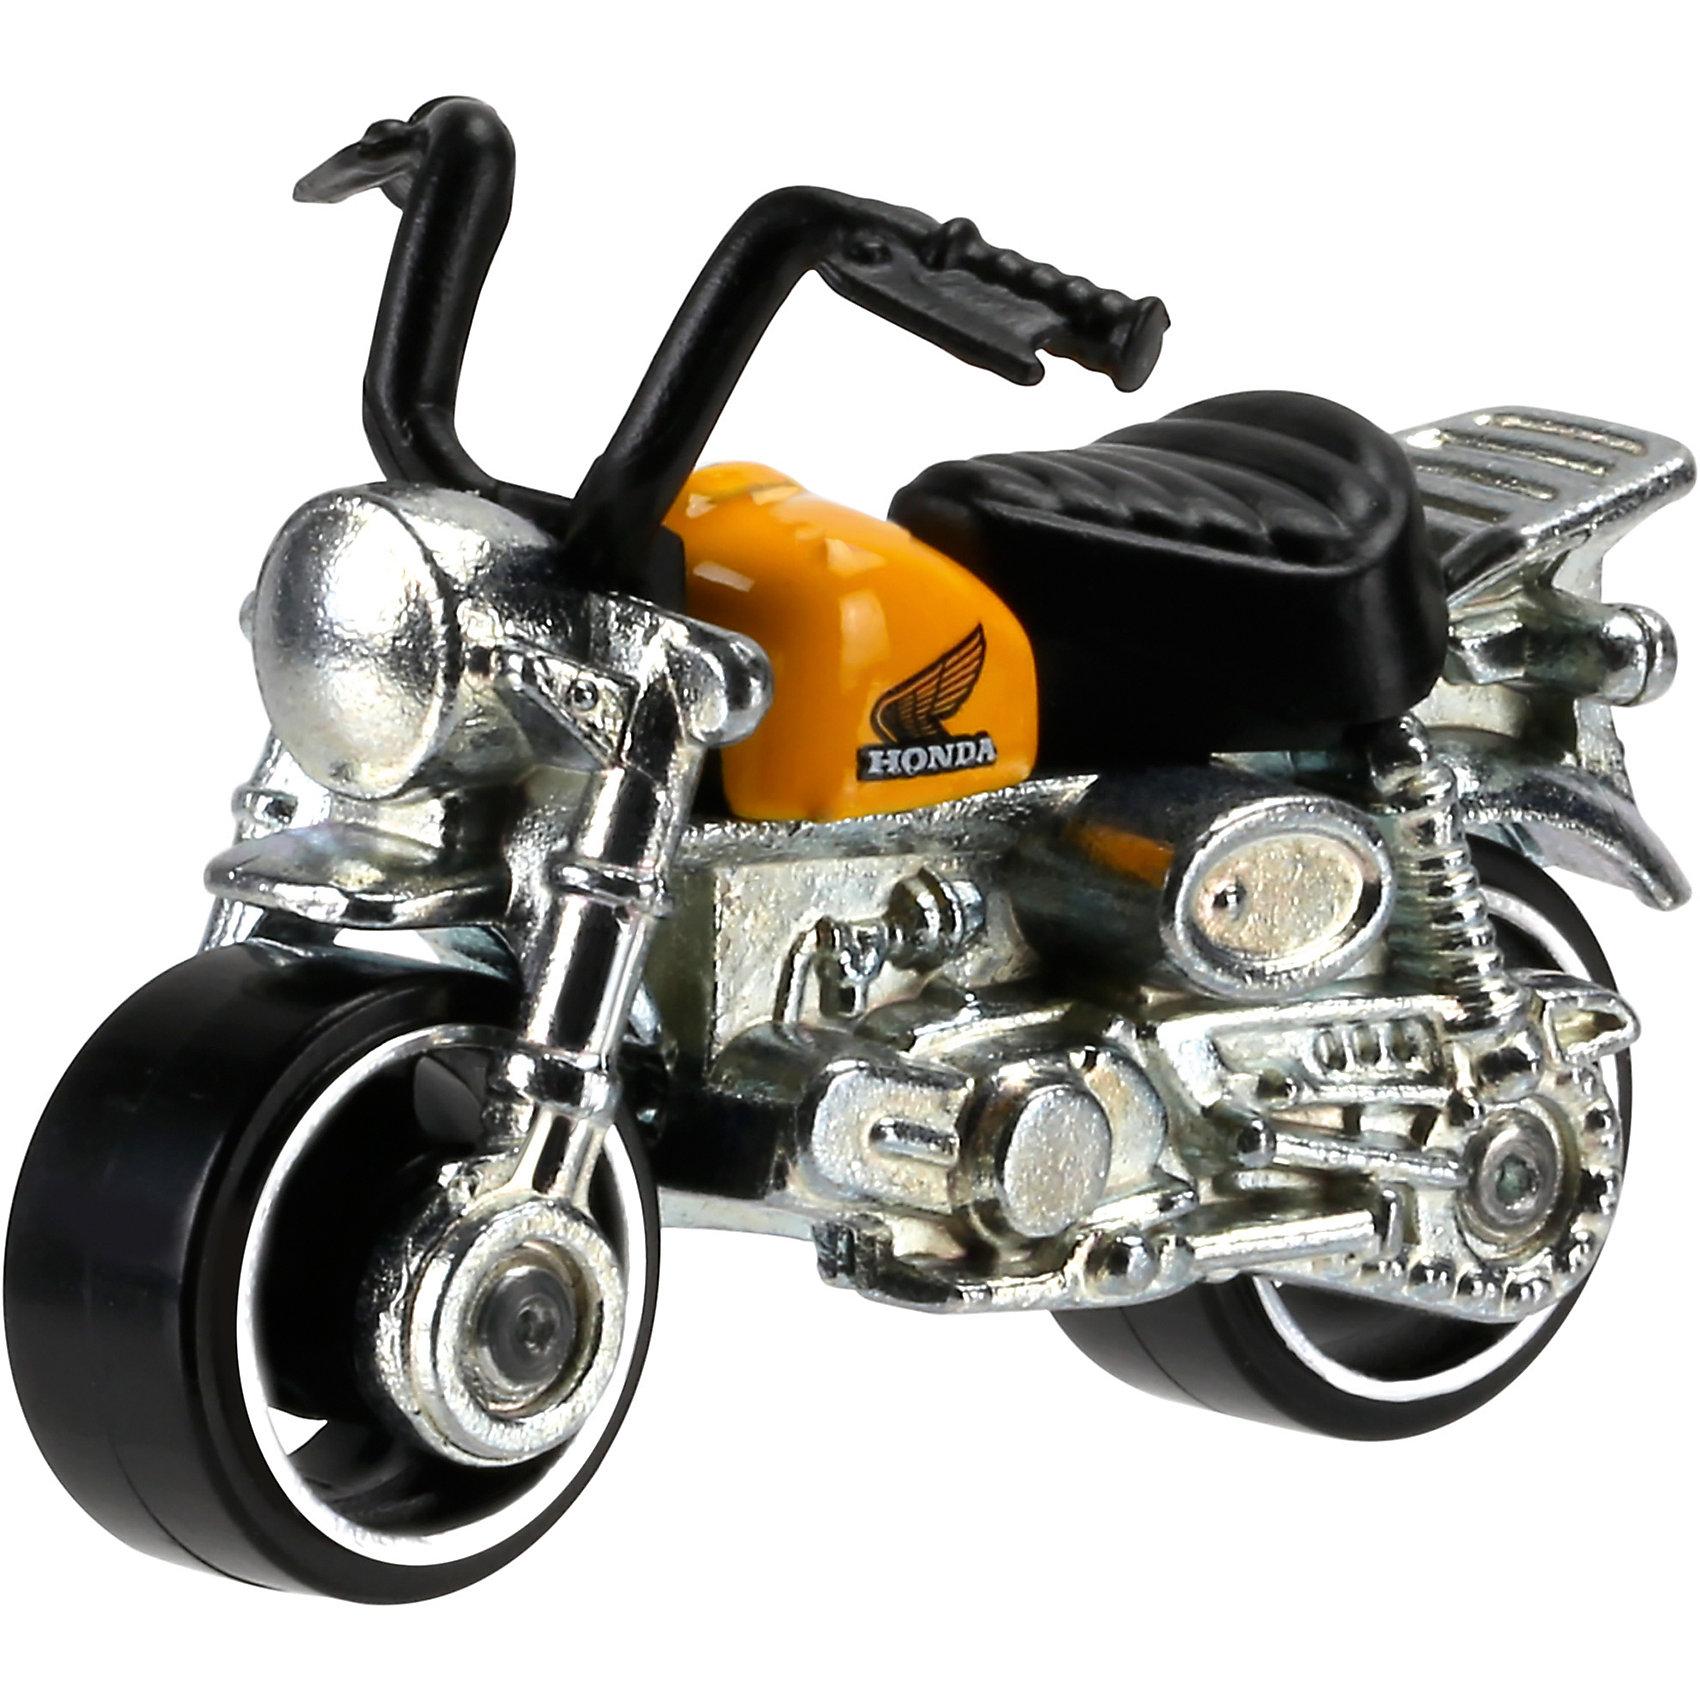 Машинка Hot Wheels из базовой коллекцииМашинка Hot Wheels из базовой коллекции – высококачественная масштабная модель машины, имеющая неординарный, радикальный дизайн. <br><br>В упаковке 1 машинка,  машинки тематически обусловлены от фантазийных, спасательных до экстремальных и просто скоростных машин. <br><br>Соберите свою коллекцию машинок Hot Wheels!<br><br>Дополнительная информация: <br><br>Машинка стандартного размера Hot Wheels<br>Размер упаковки: 11 х 10,5 х 3,5 см<br><br>Ширина мм: 110<br>Глубина мм: 45<br>Высота мм: 110<br>Вес г: 30<br>Возраст от месяцев: 36<br>Возраст до месяцев: 96<br>Пол: Мужской<br>Возраст: Детский<br>SKU: 4901824